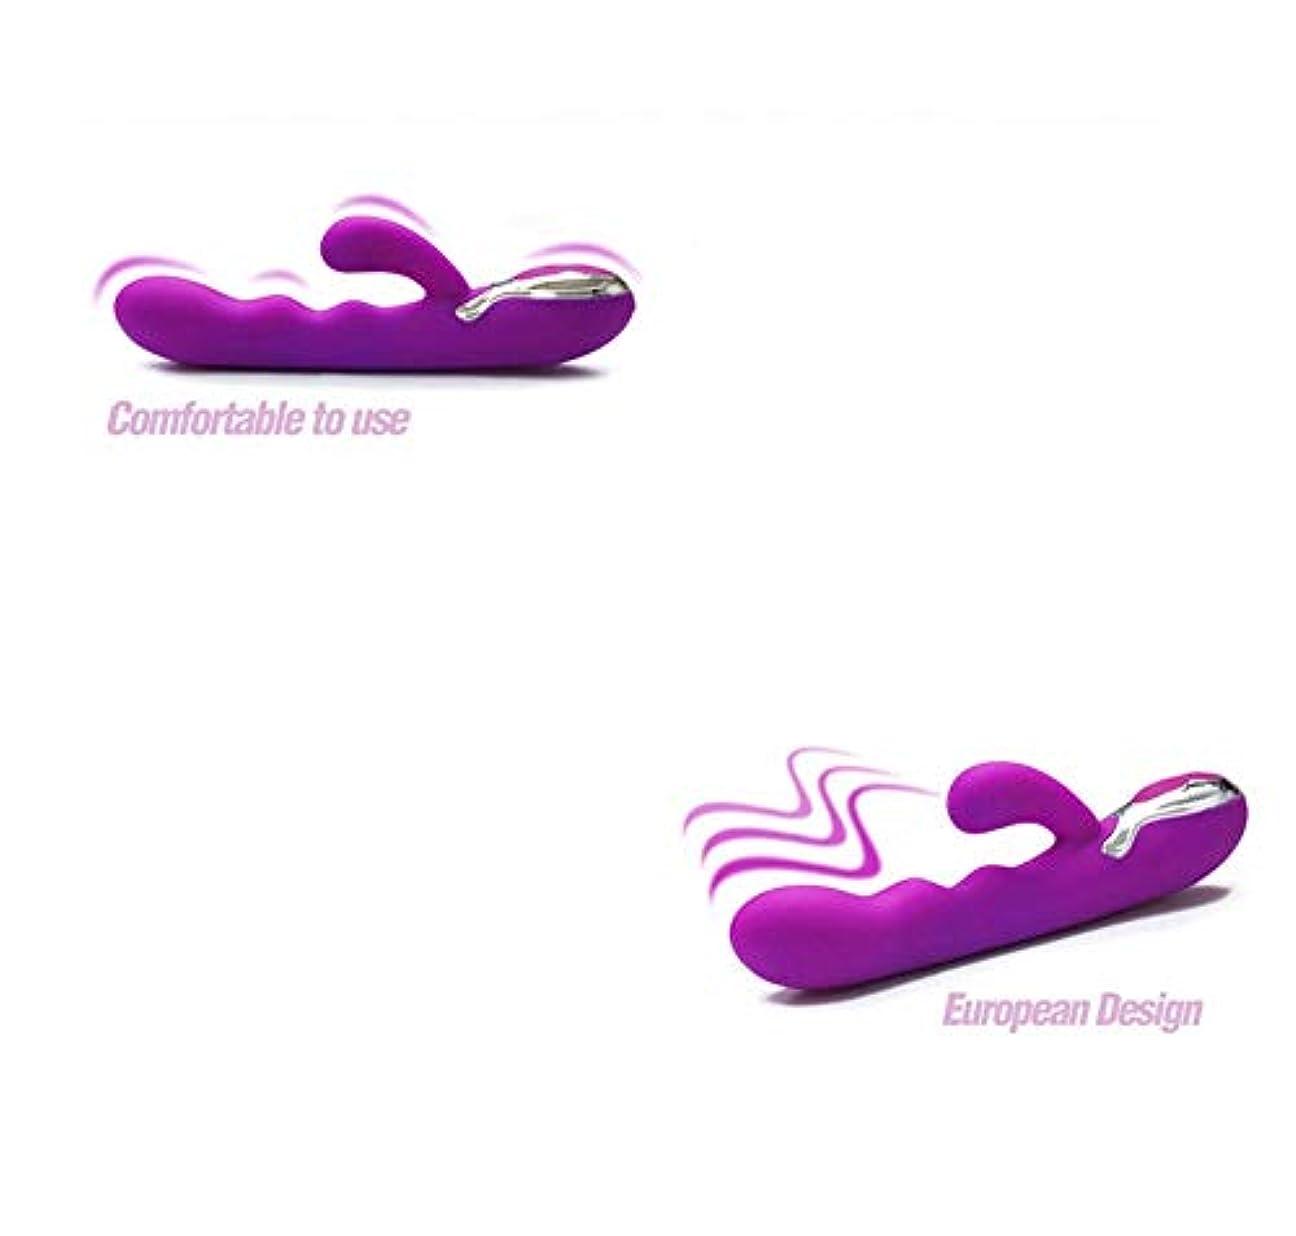 スケート道路を作るプロセス四回KGJJHYBGTOY 詳細シリコーン防水USB充電式デザインモード高速加速リアル RELAX MASSAGE BODY